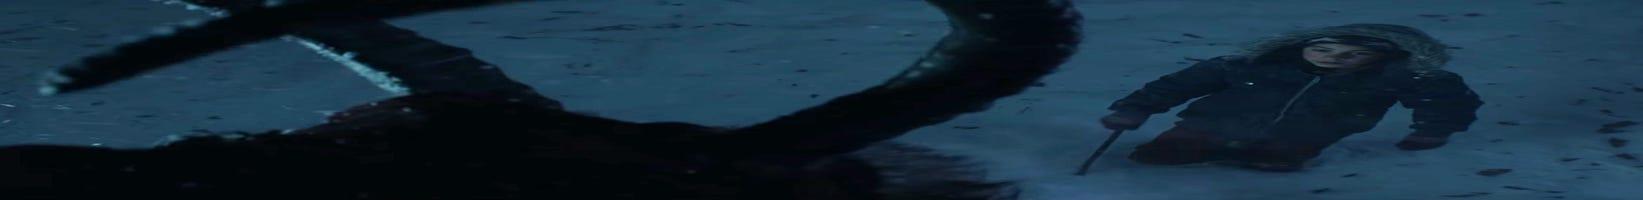 This week's movie trailers: 'Krampus,' 'Chi-Raq'